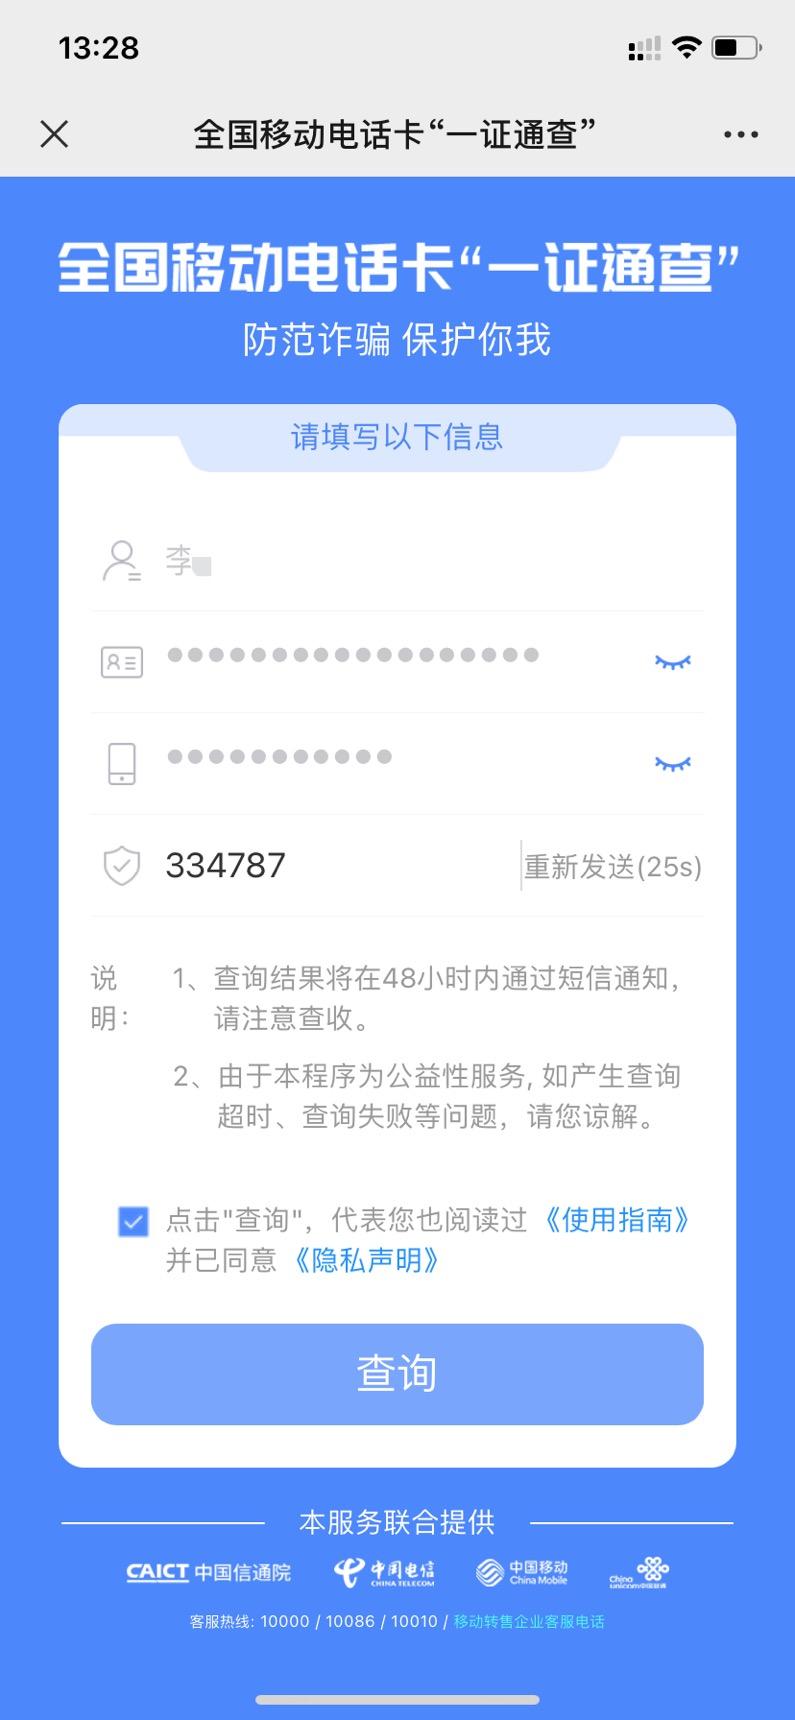 工信部新推出【一证通查】的工具,能够查询你的名下到底有几张电话卡